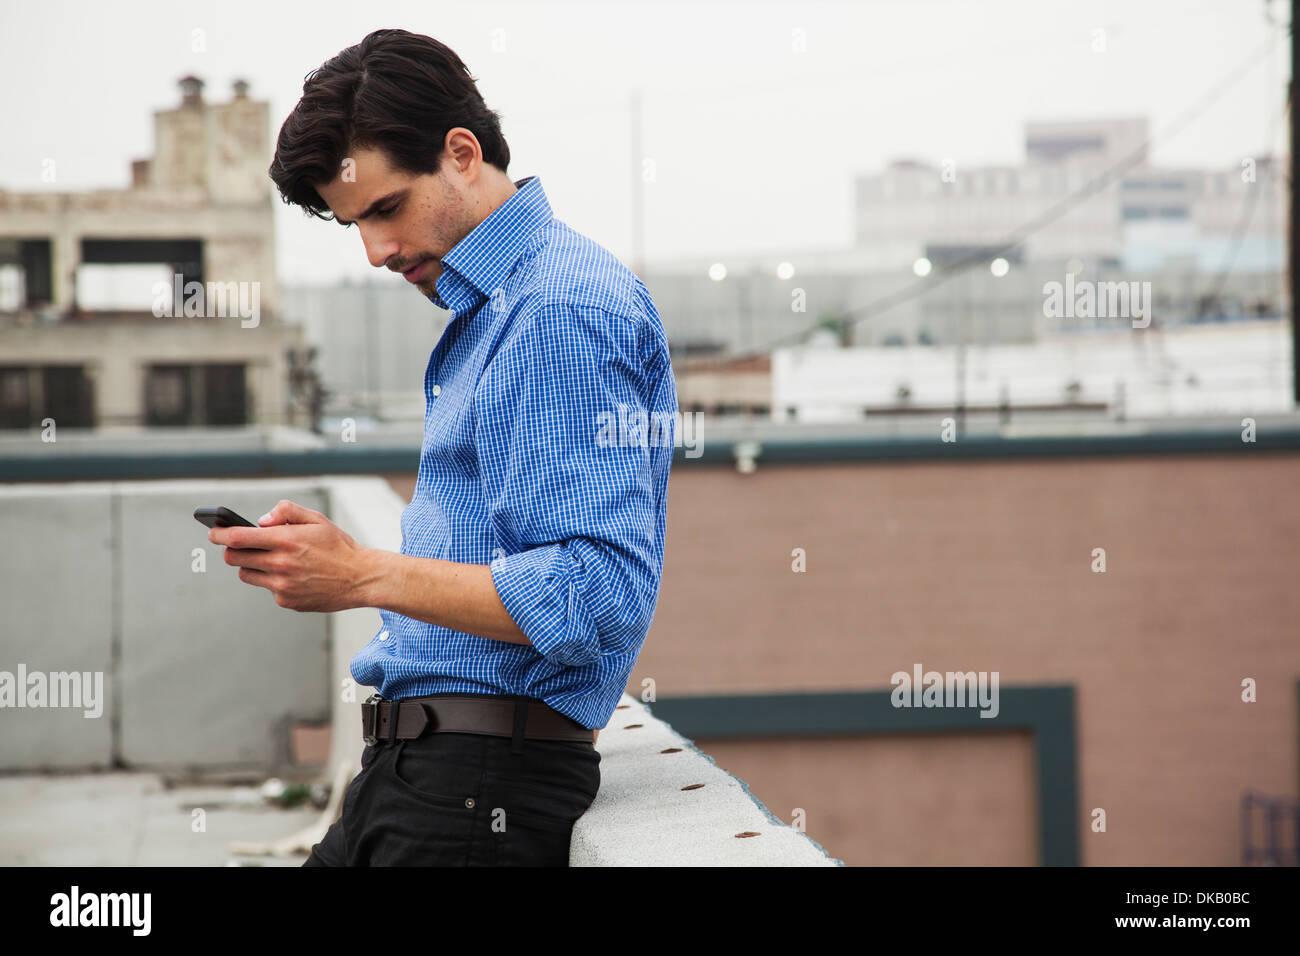 Jeune homme anxieux sur les toits de la ville Photo Stock